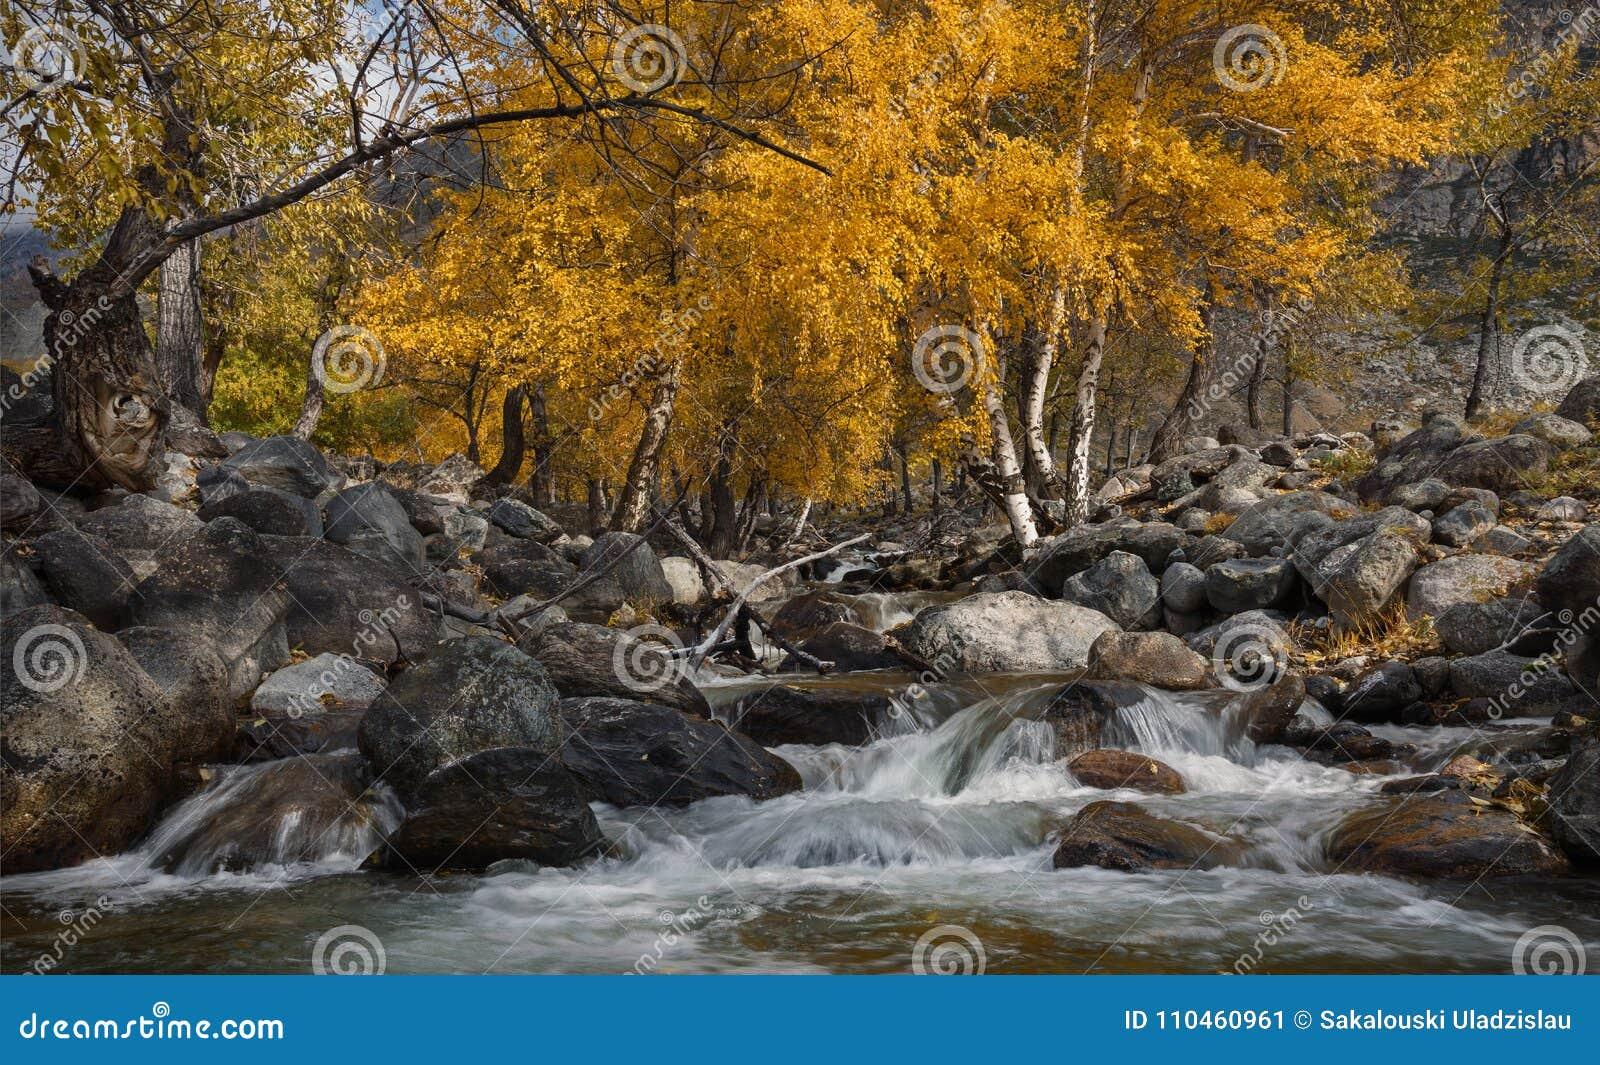 Abedules de Autumn Landscape With Several Yellow y cala fría Autumn Mountain Landscape With River y abedul Abedul en el banco de